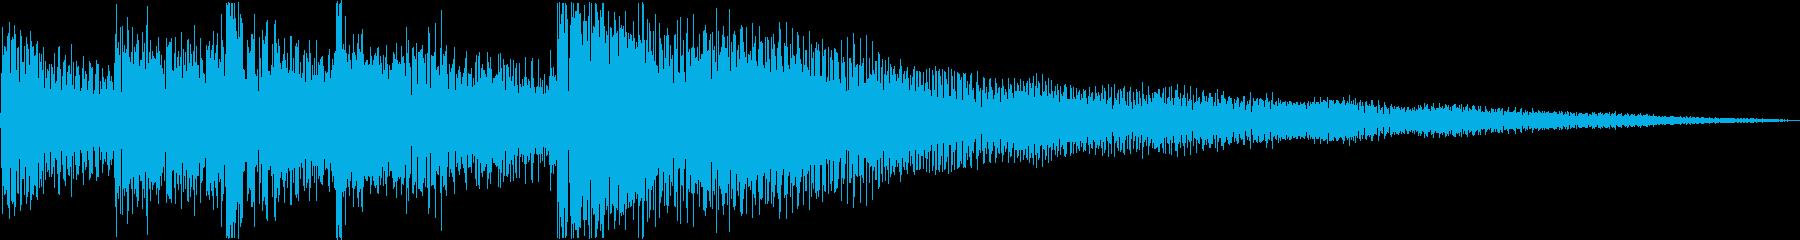 アコースティックギター、ピアノ、ソ...の再生済みの波形